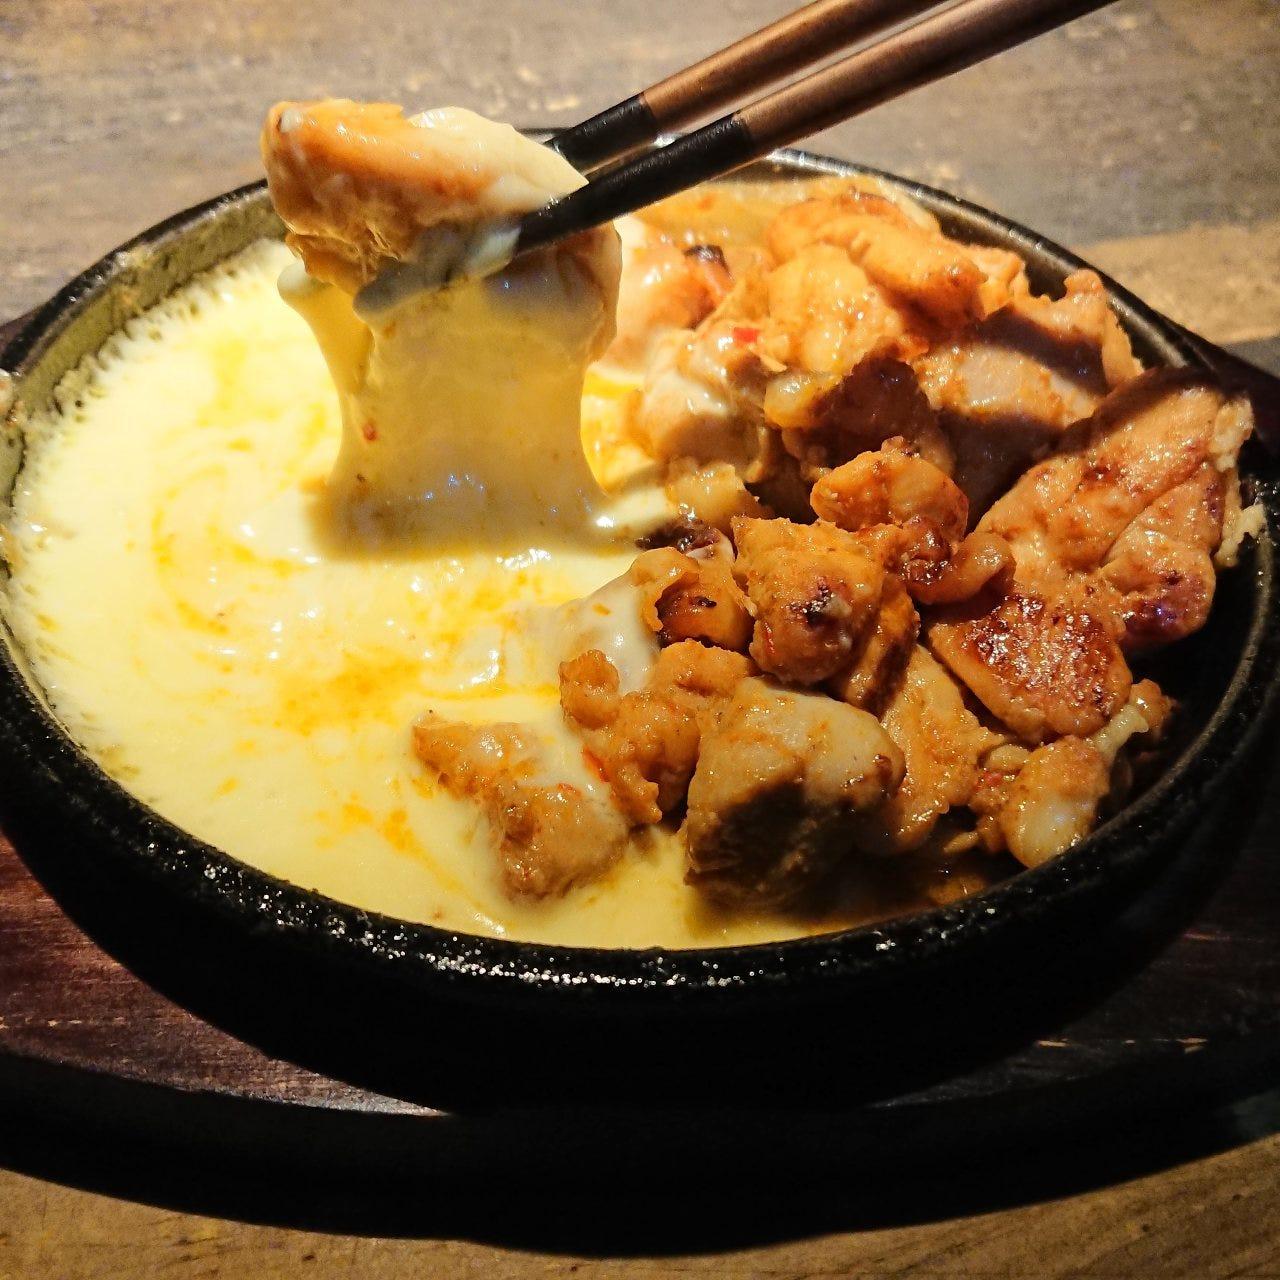 【期間限定】チーズダッカルビ